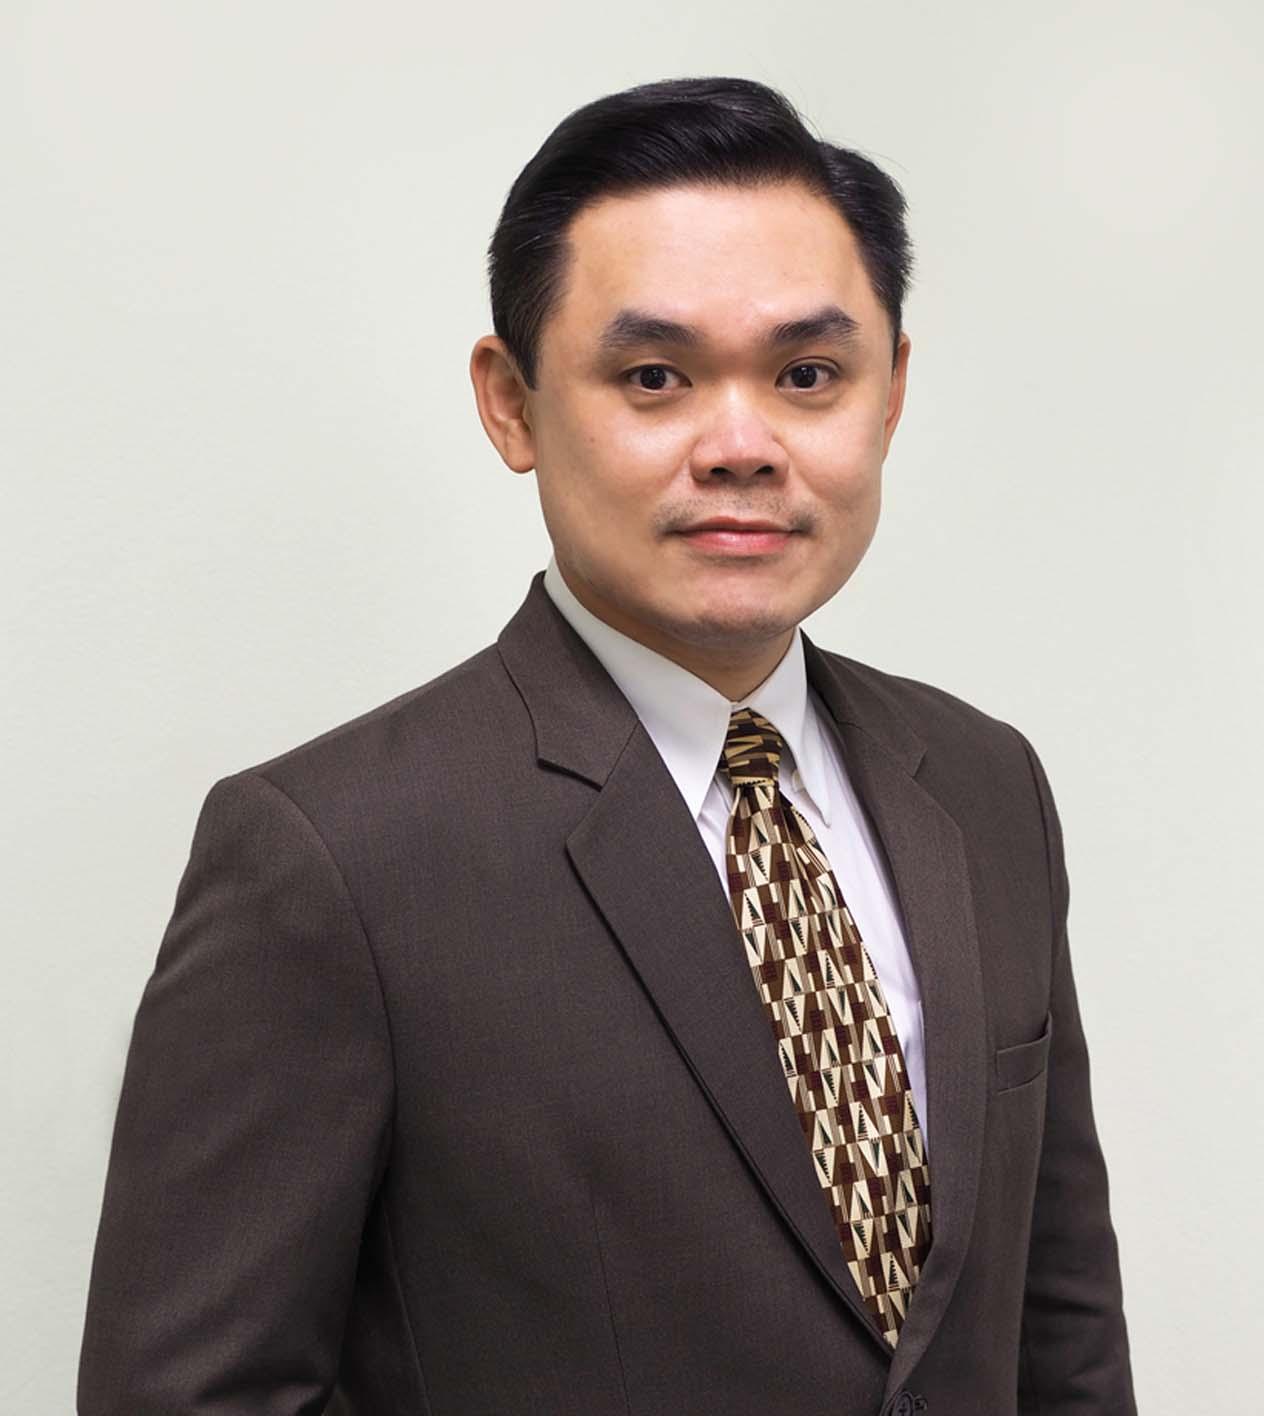 กิตติพงษ์ อัศวพิชยนต์ รองกรรมการผู้จัดการธุรกิจซอฟต์แวร์ บริษัท ไอบีเอ็ม ประเทศไทย จำกัด